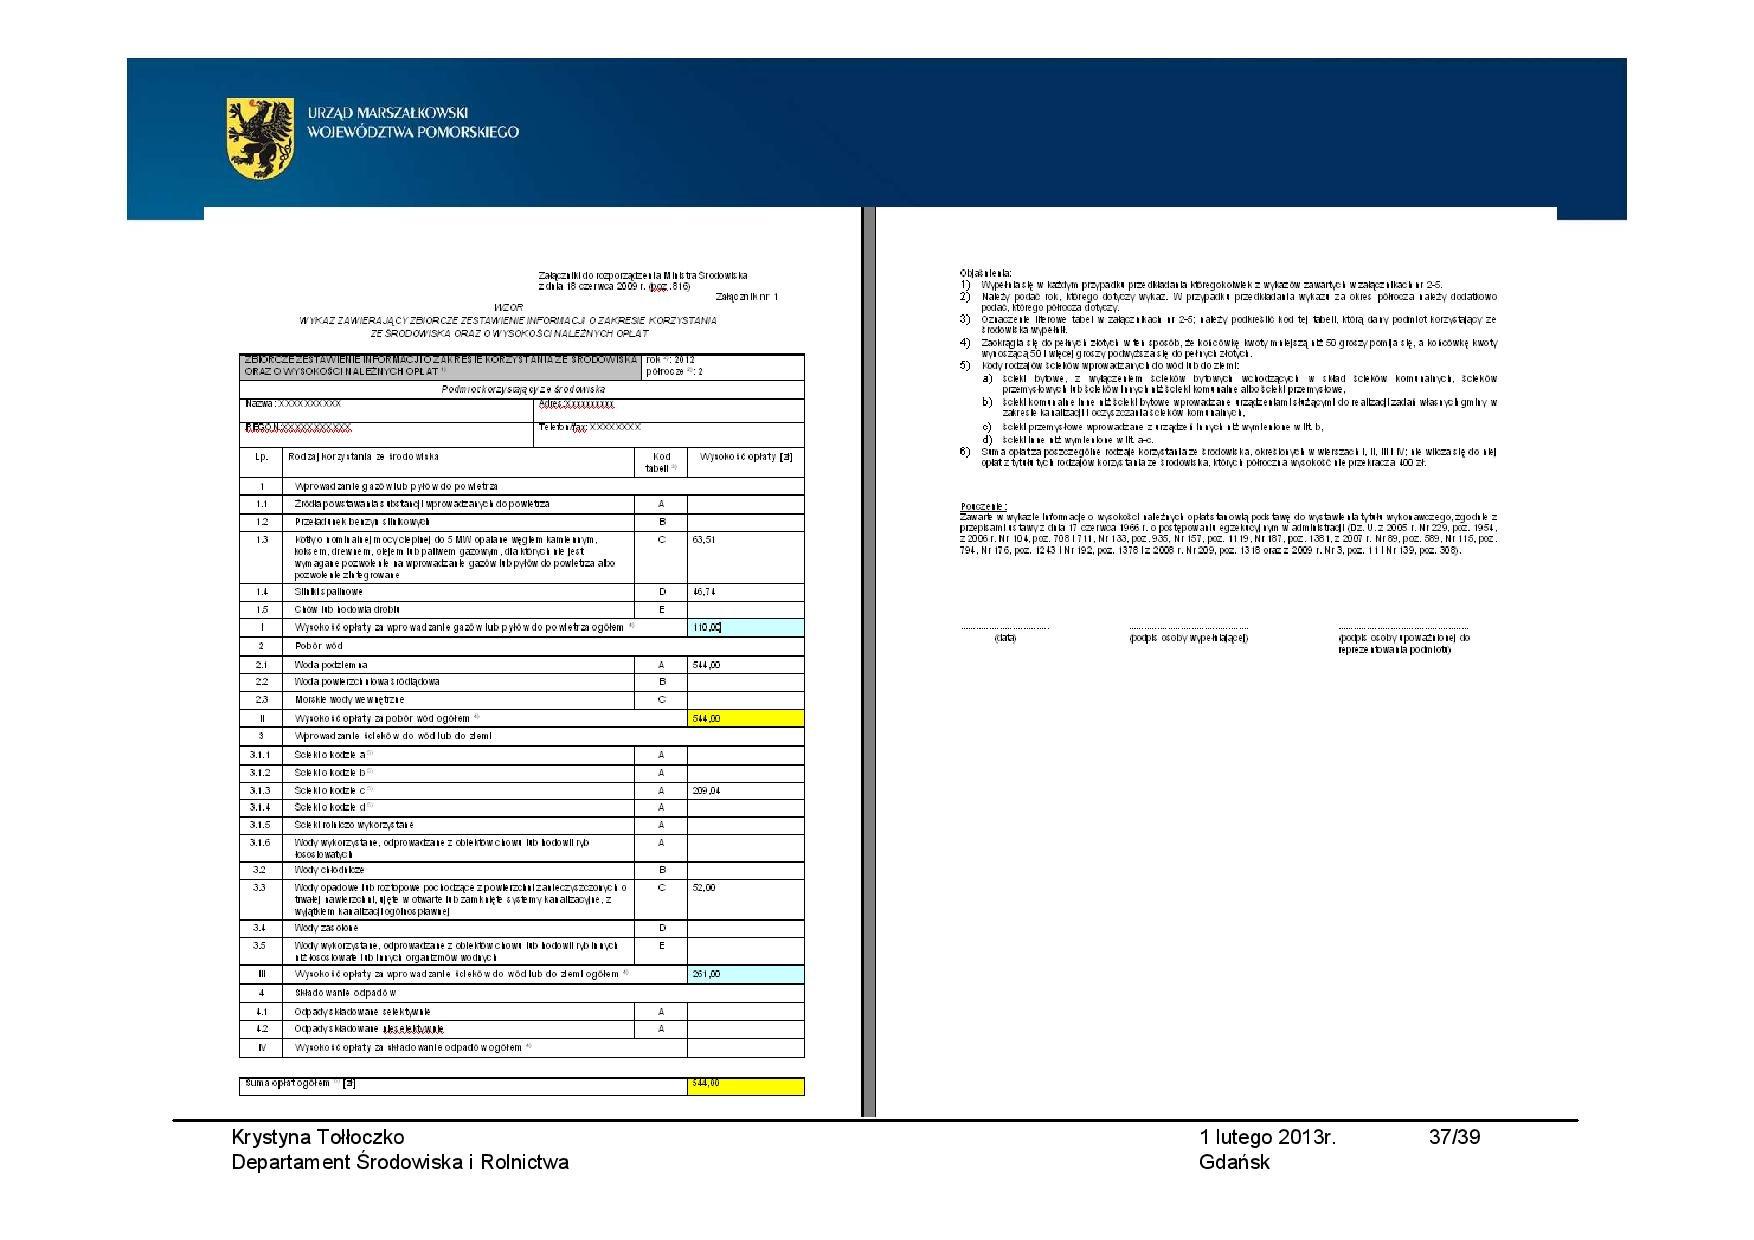 Ob. pracod. pozwolenia-page-037